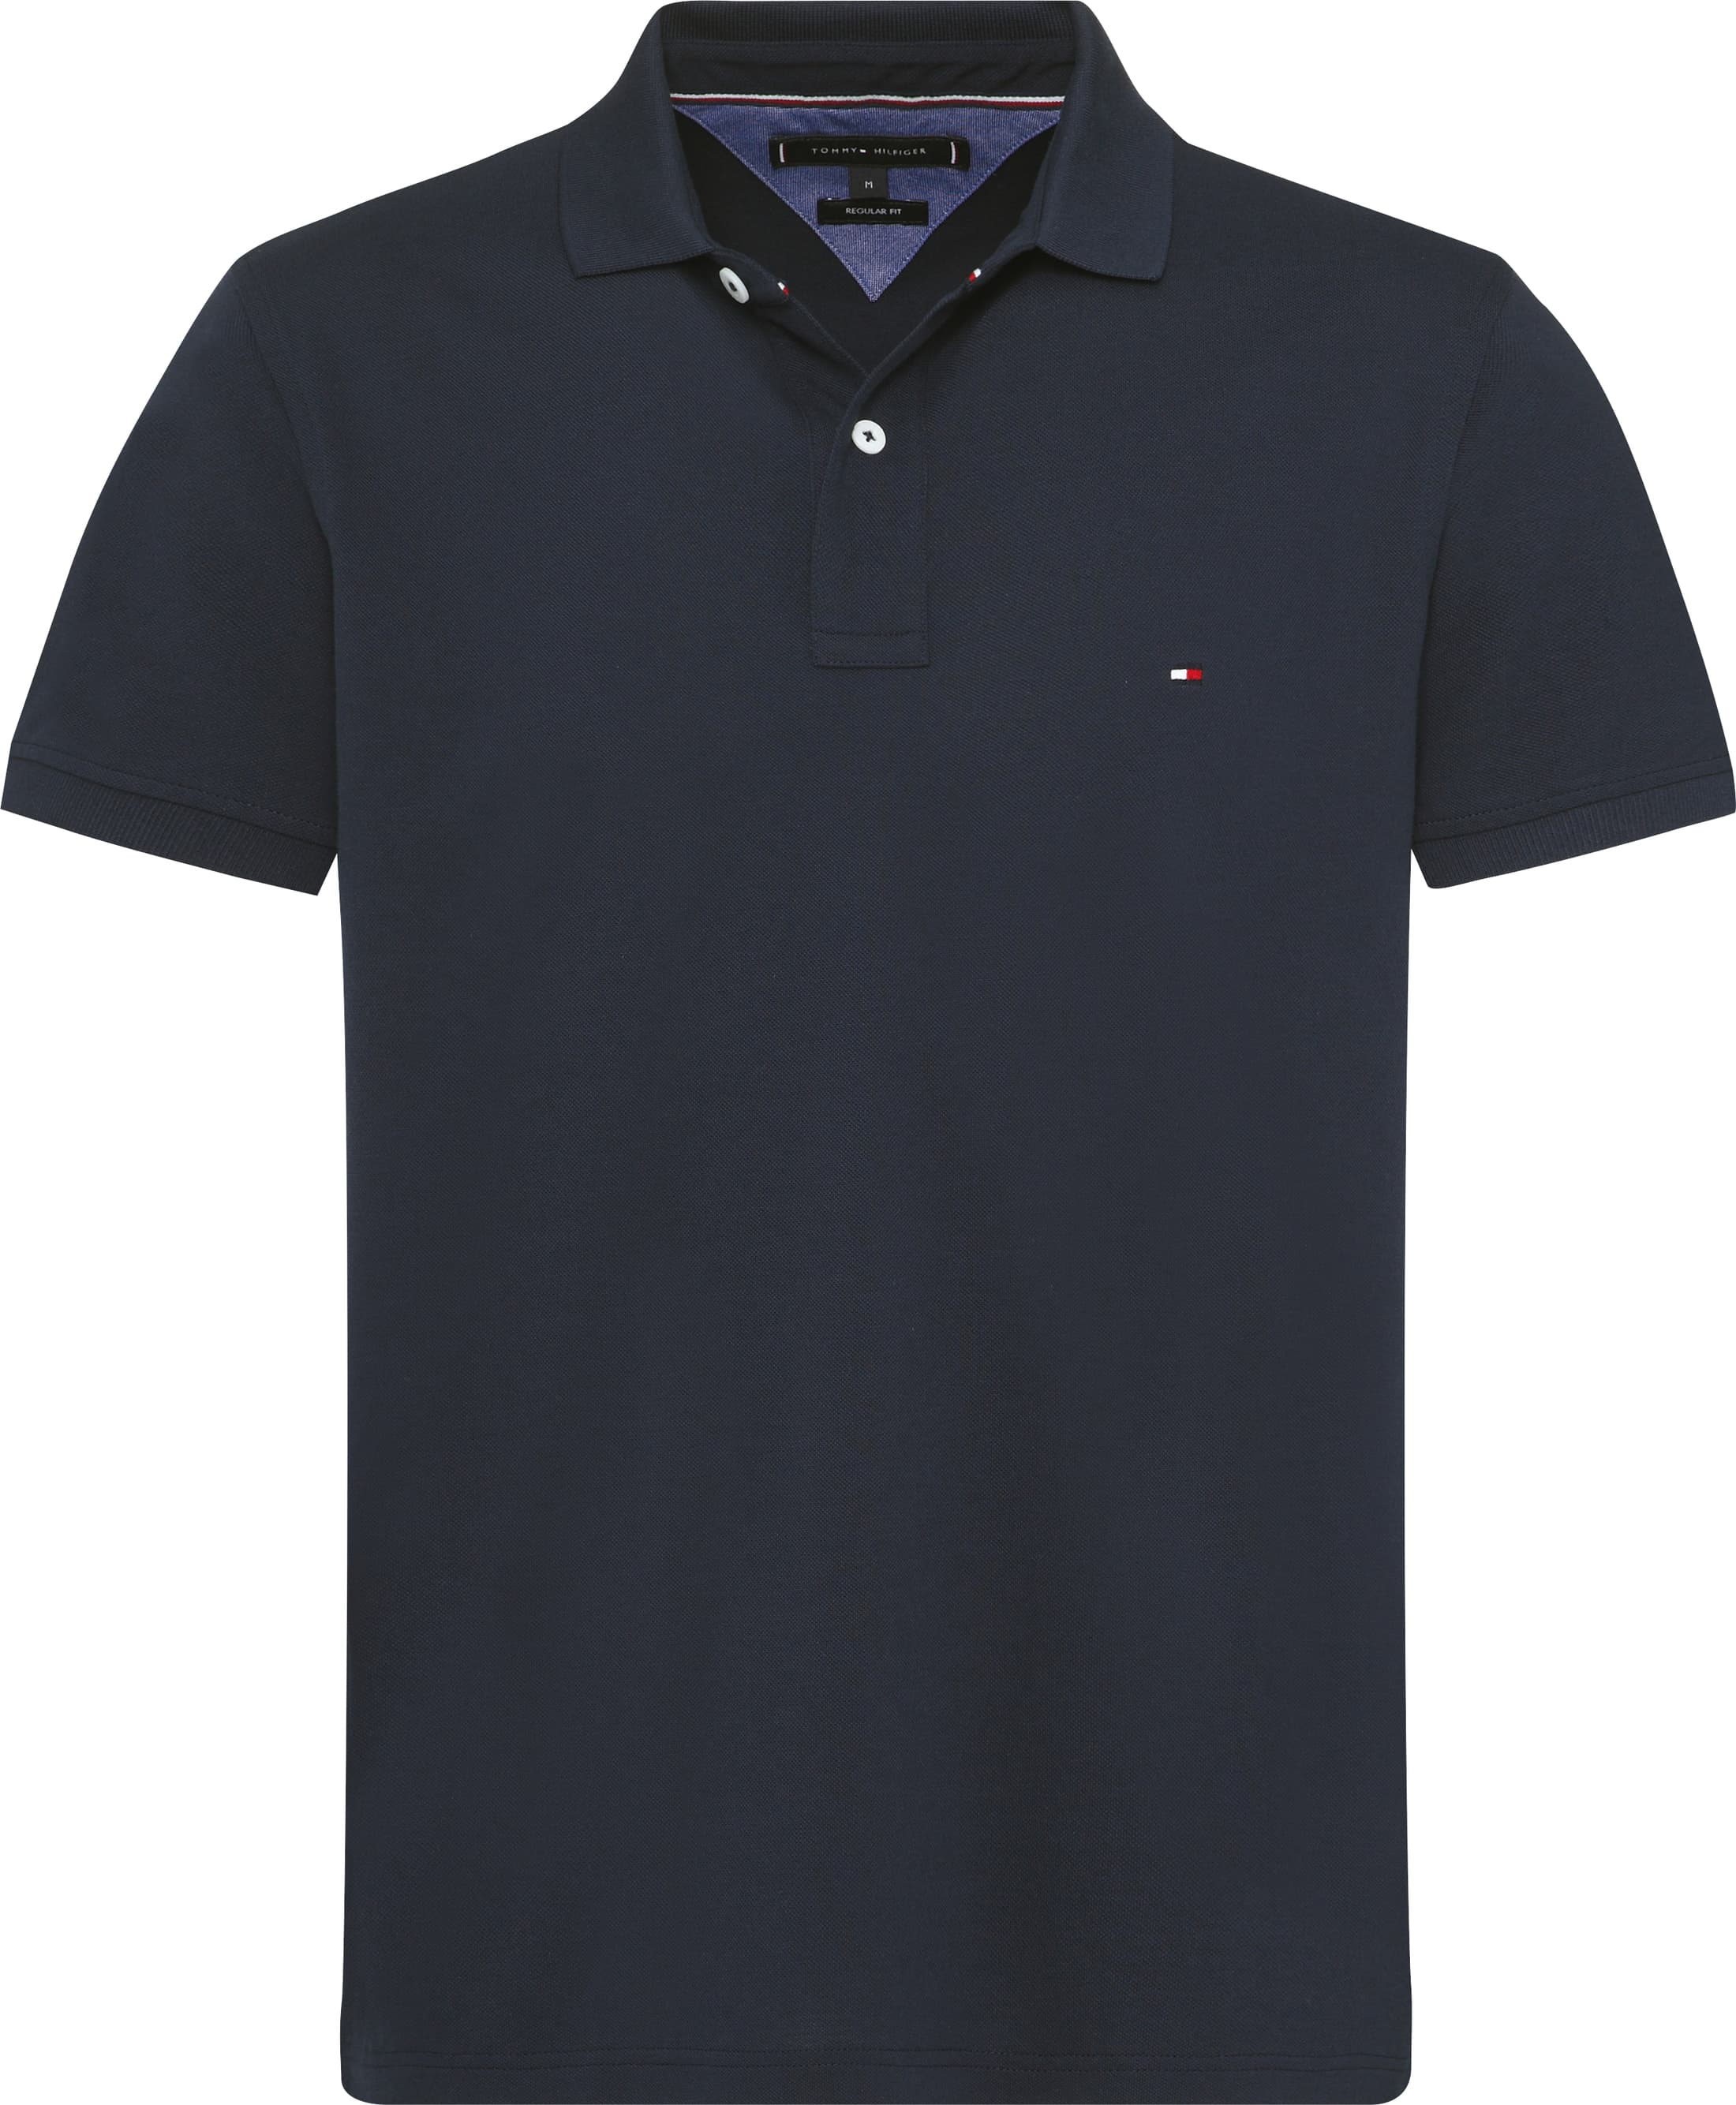 58b7a68516b3f Tommy Hilfiger Poloshirt RF Dark Blue MW0MW09733416 order online ...